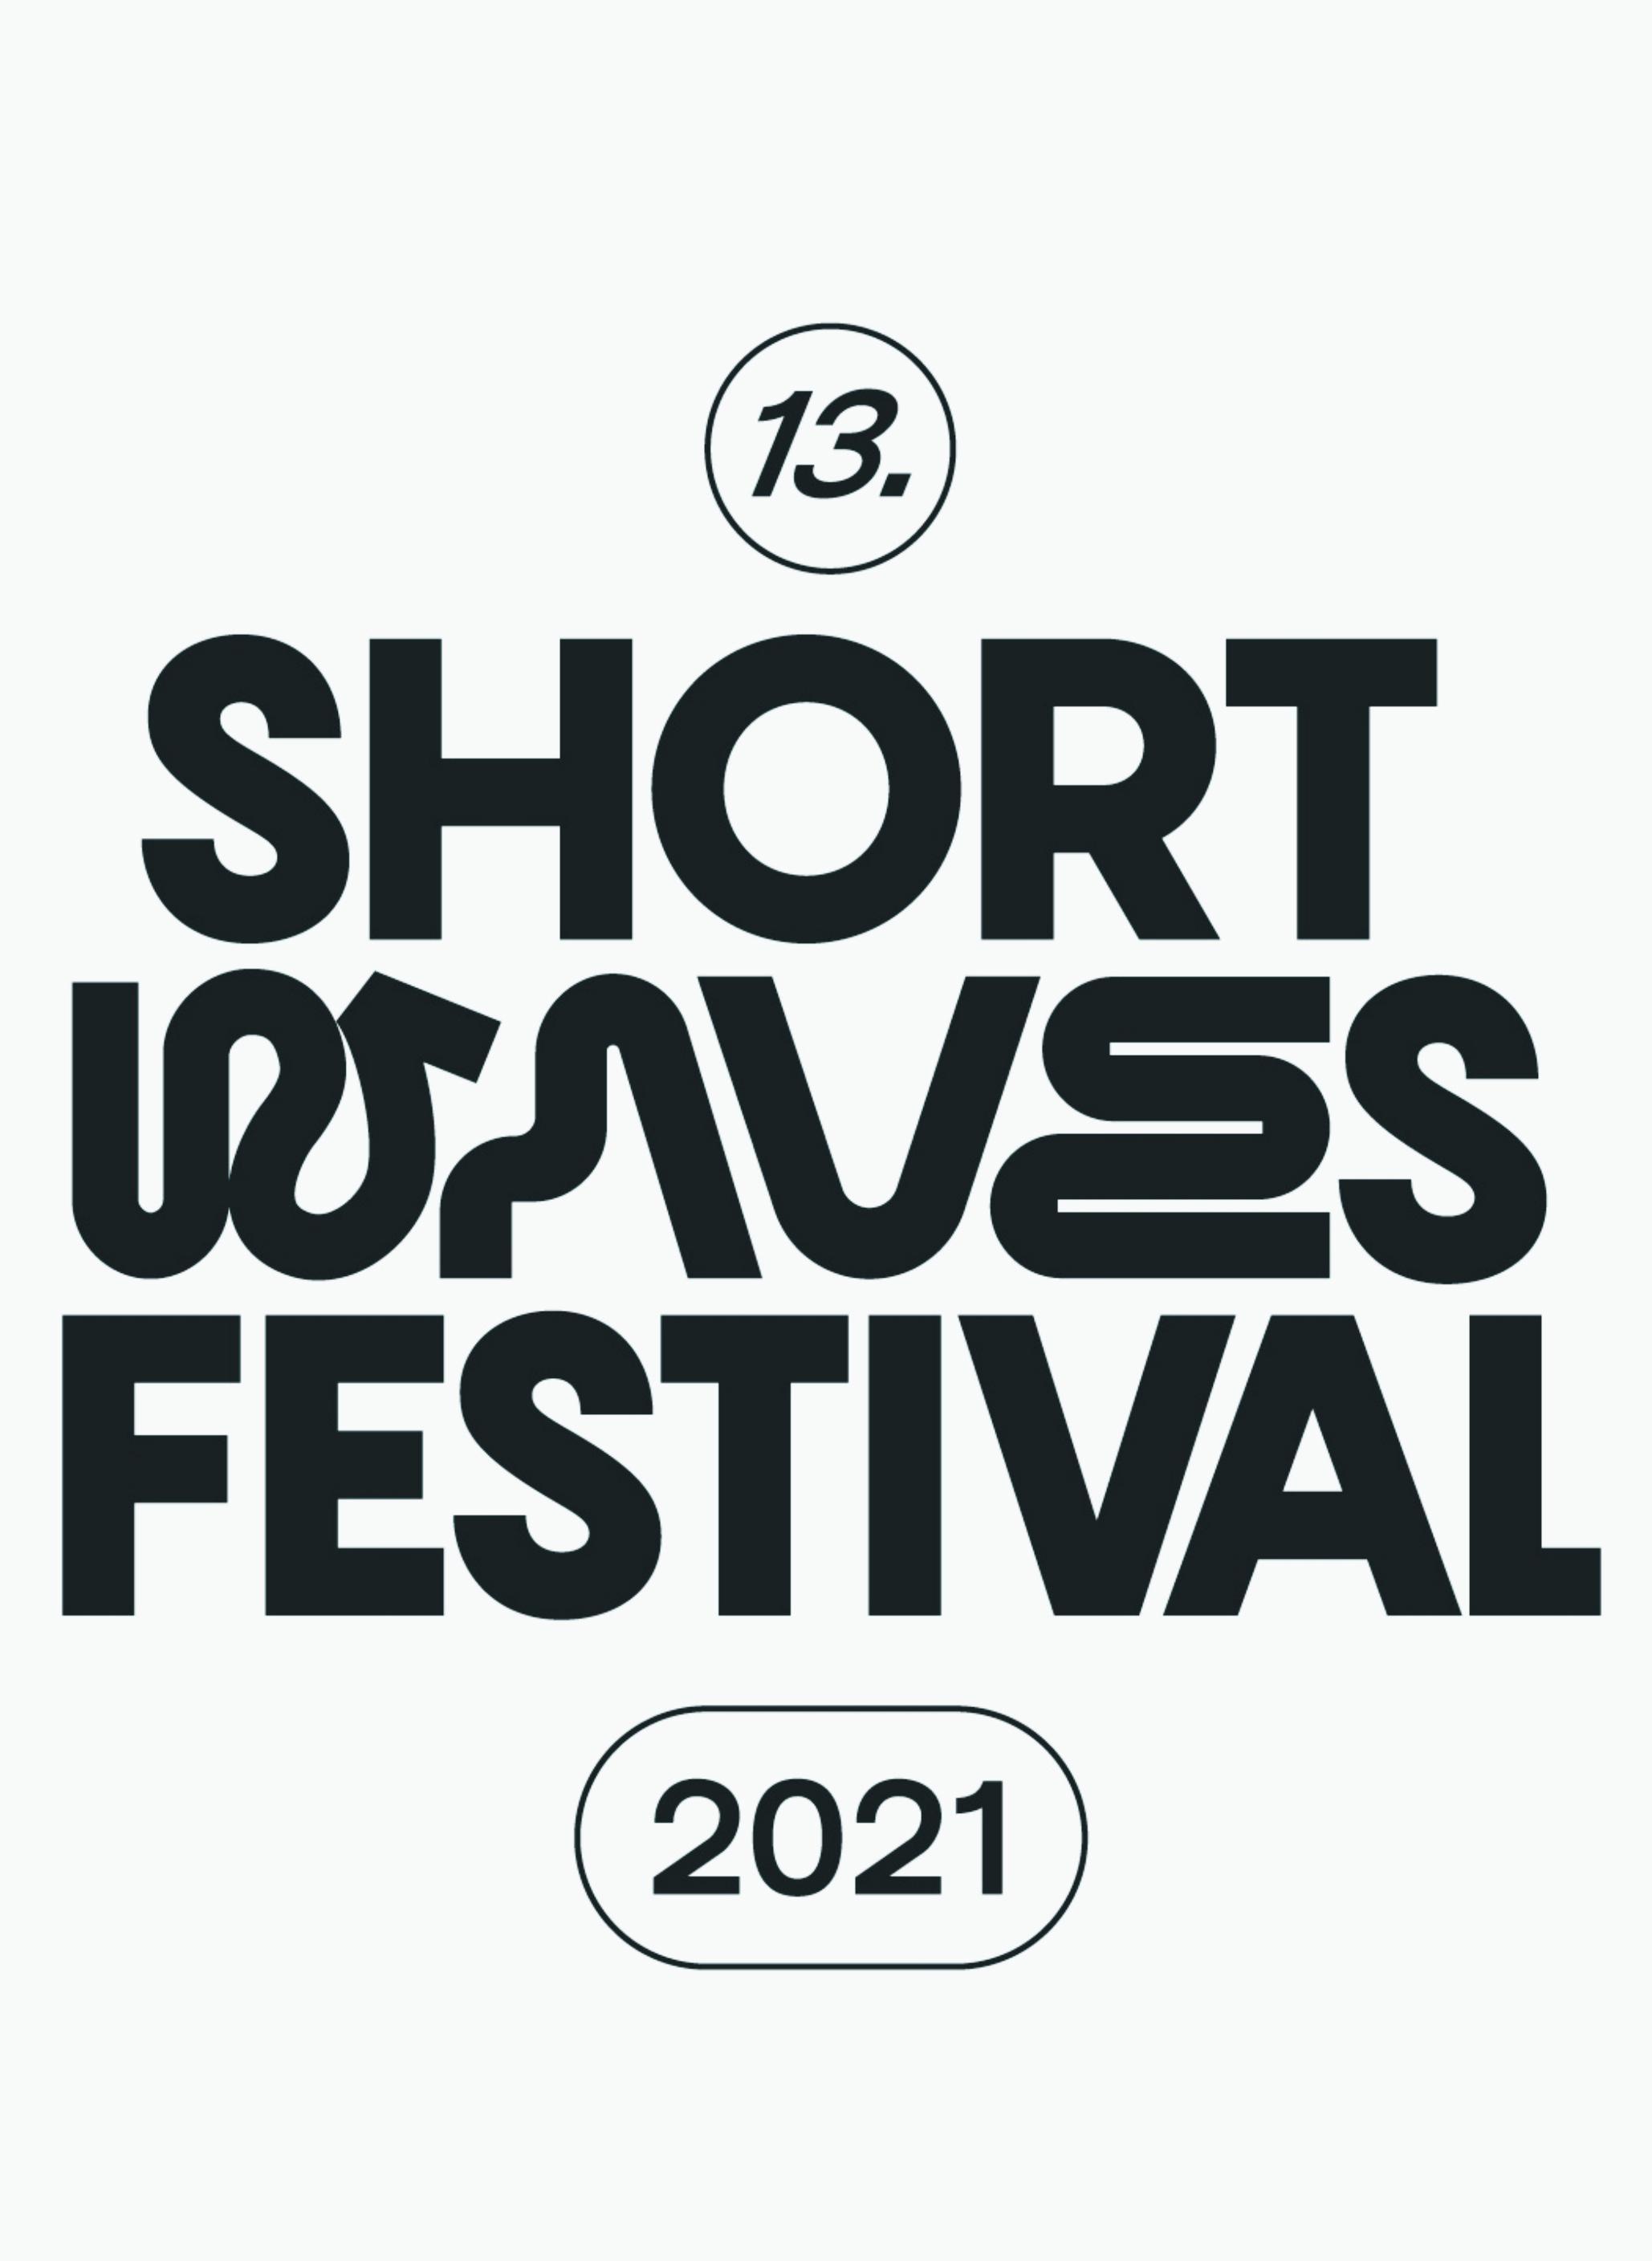 Short Waves Festival 2021 - Konkurs Polskich Filmów Eksperymentalnych II